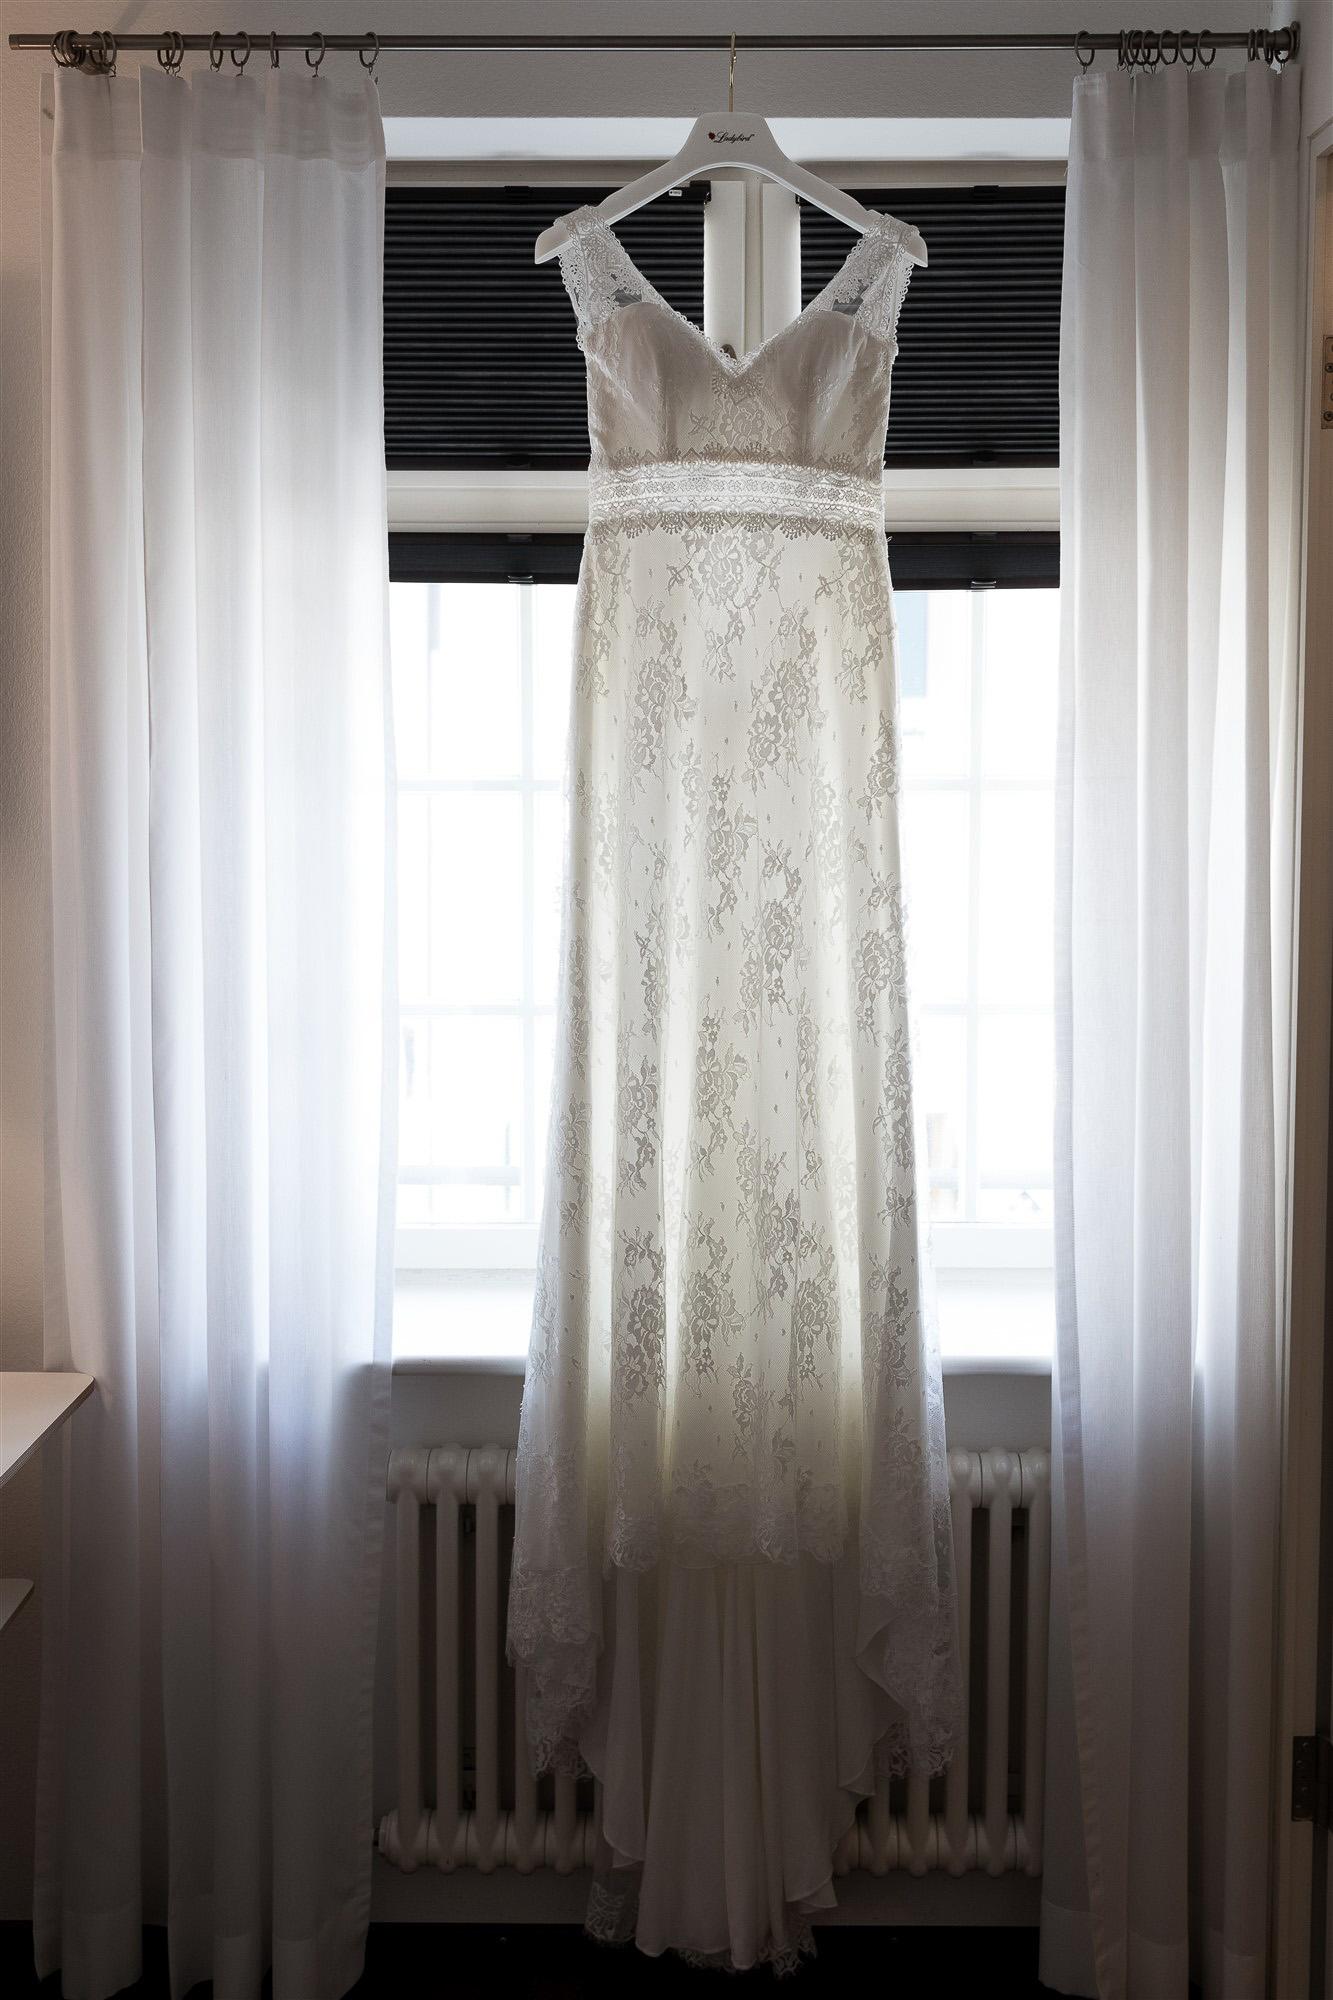 Das Hochzeitskleid - Hochzeit im Teufelhof Basel - Getting Ready der Braut